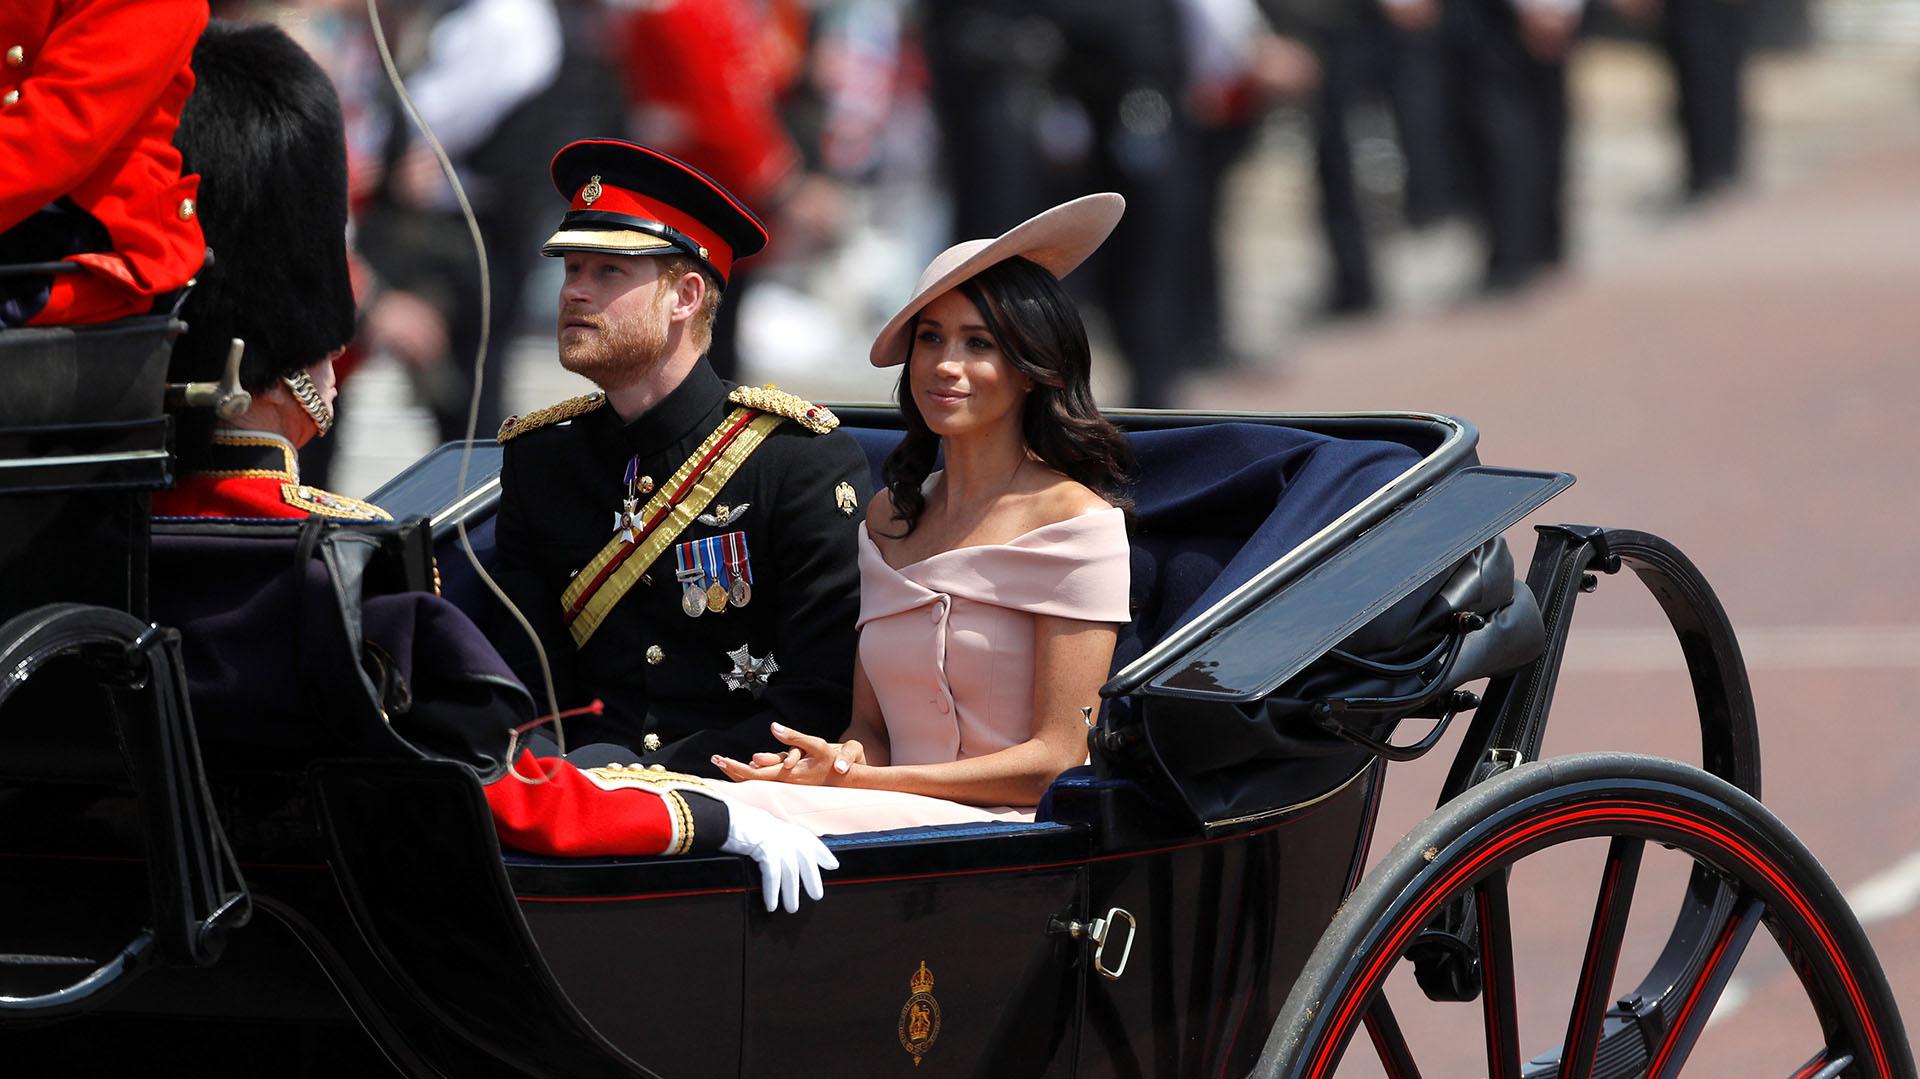 La ceremonia del Trooping the Colour fue su primera aparición con toda la familia real desde el balcón de Buckingham. Para ello optó por un vestido por la rodilla en color rosa empolvado diseñado por Carolina Herrera, con escote barco y botones laterales